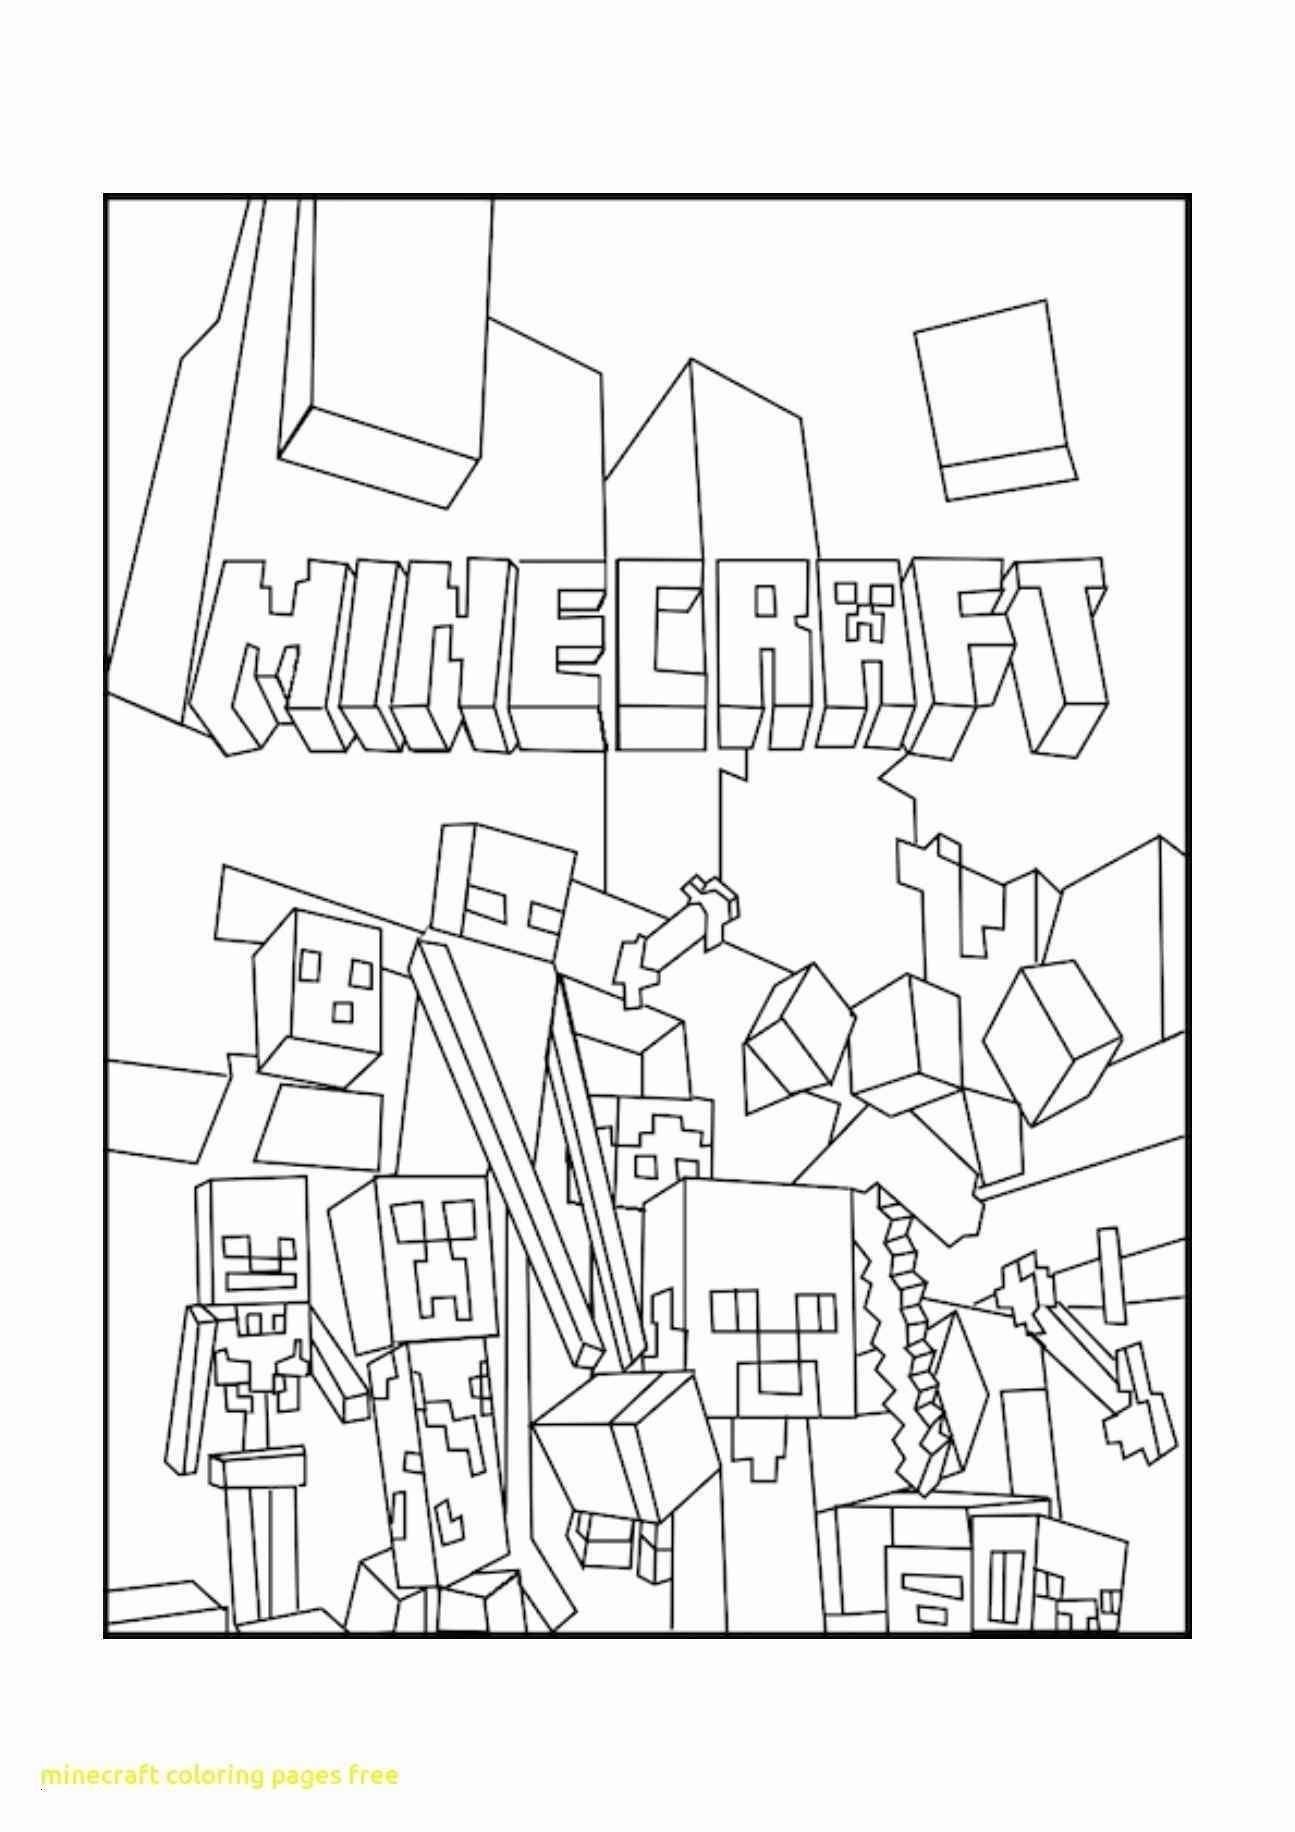 Malvorlagen Minecraft Drucken - tiffanylovesbooks